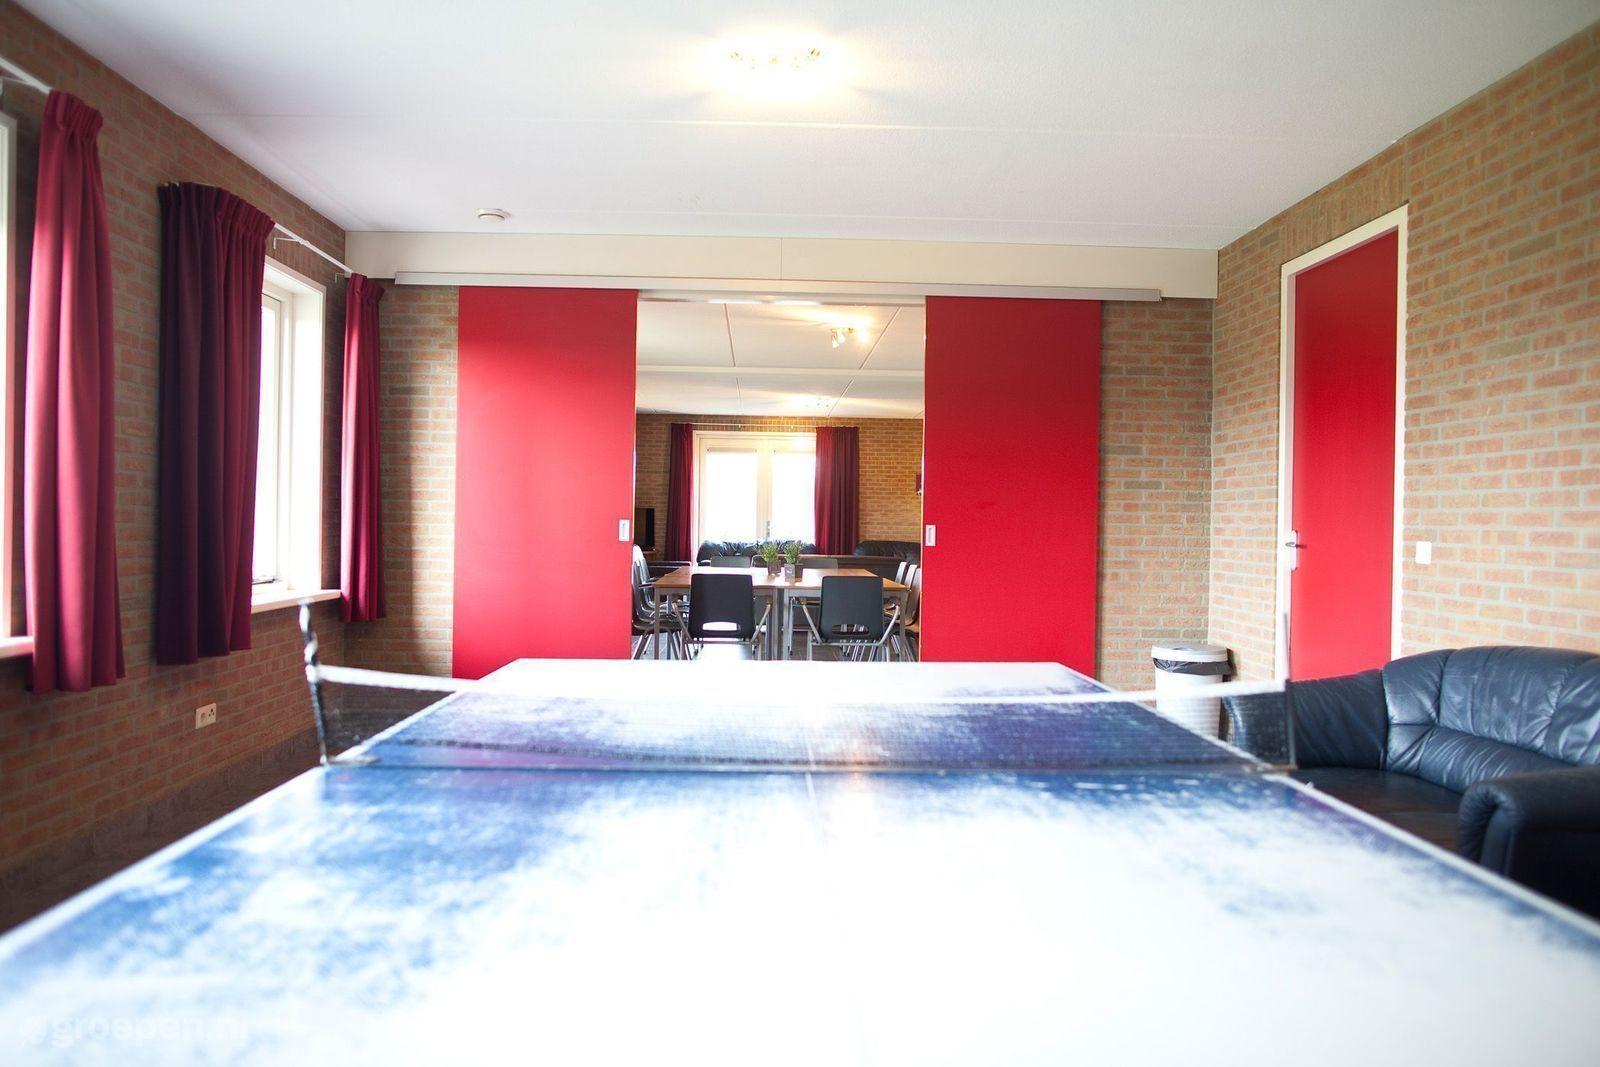 Group accommodation Otterlo